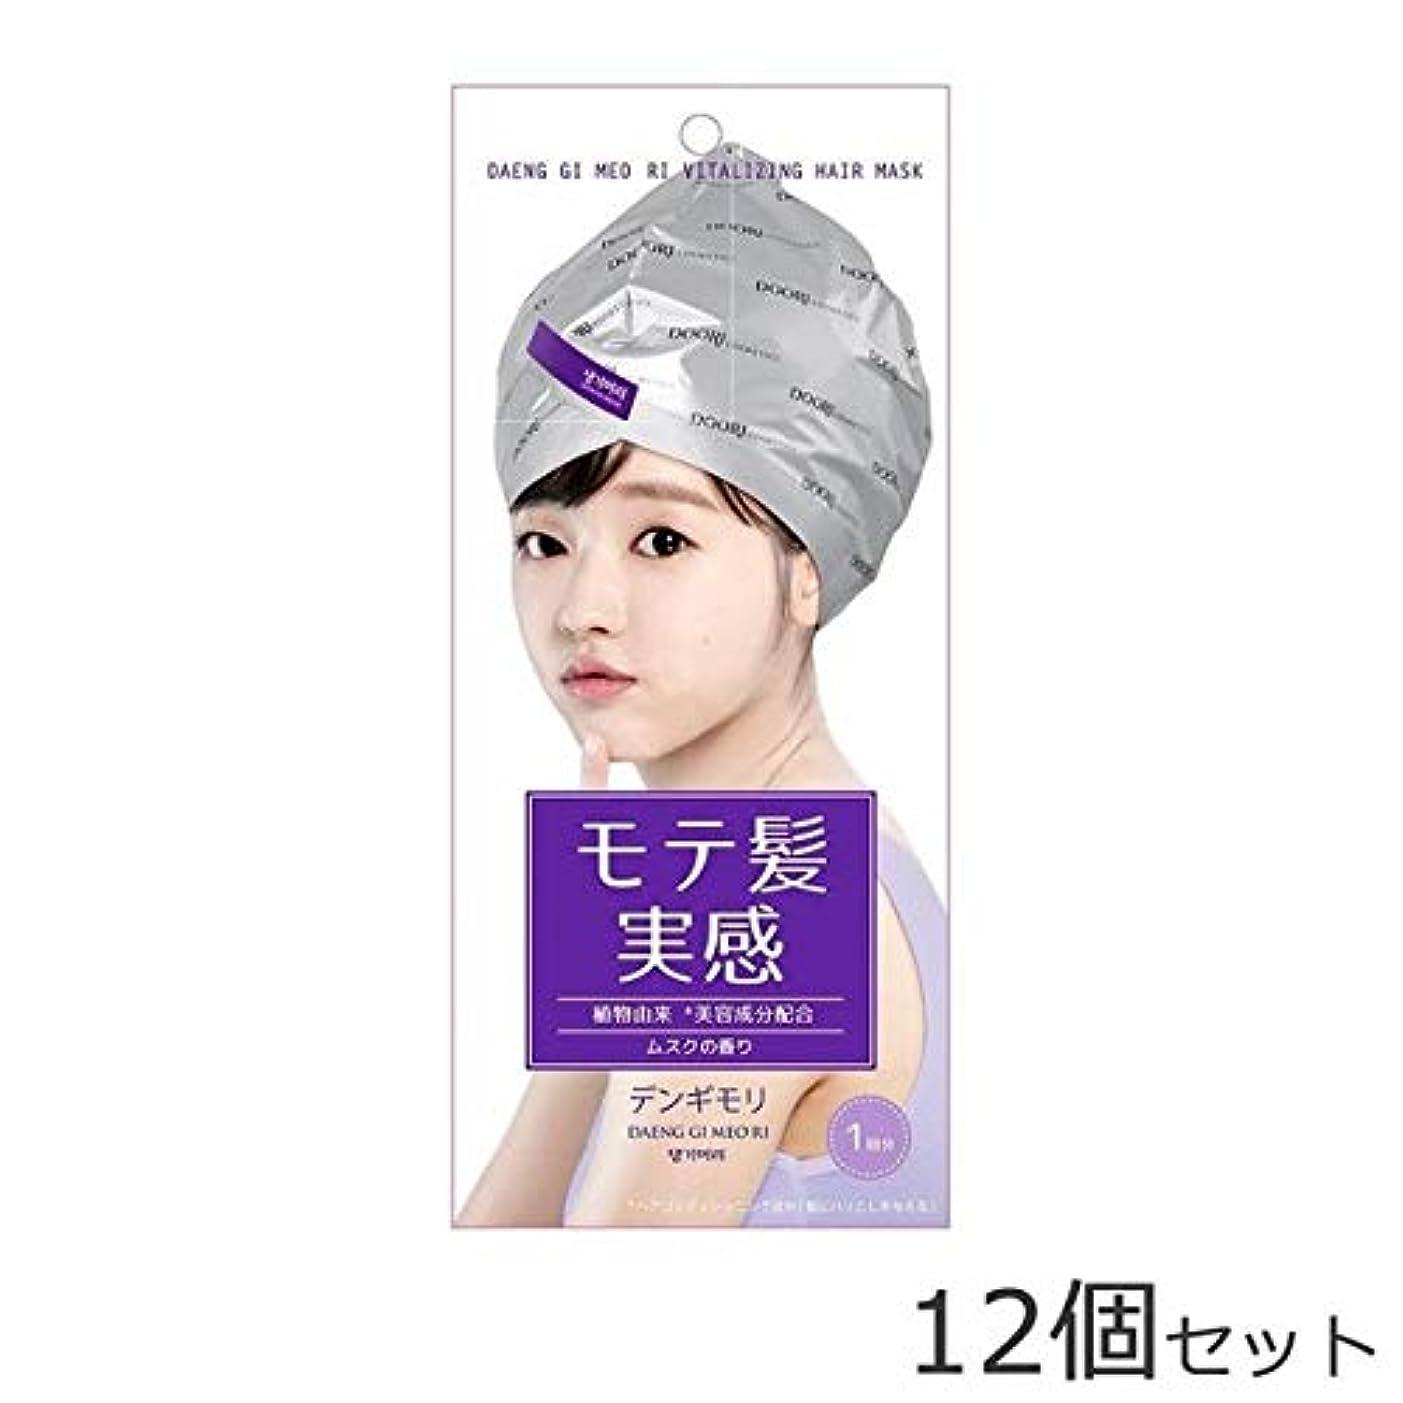 競争マウンド製造業デンギモリ 珍気 集中ヘアマスク(洗い流すヘアトリートメント) 12個セット (マスクで簡単にサロンケア)